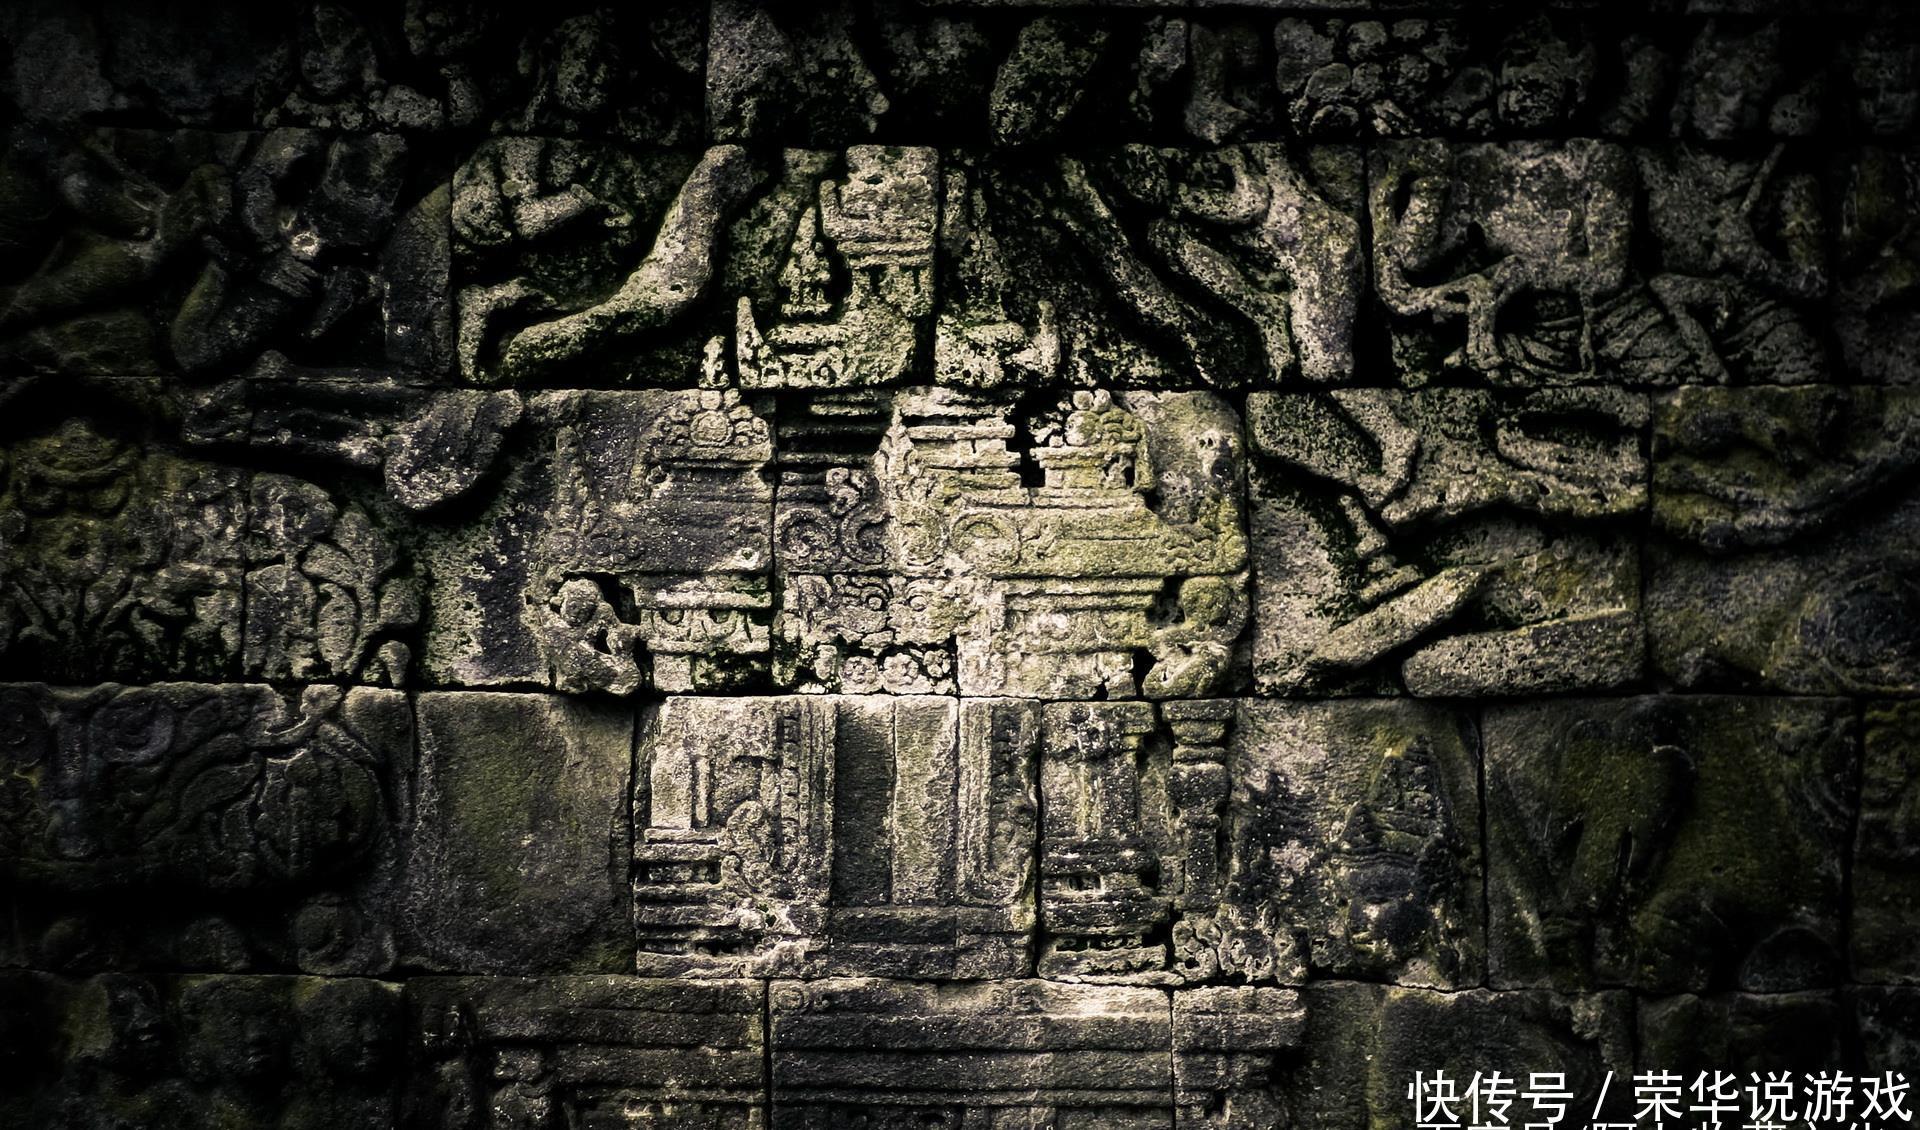 在5000年前玛雅文明就已经会这些了?